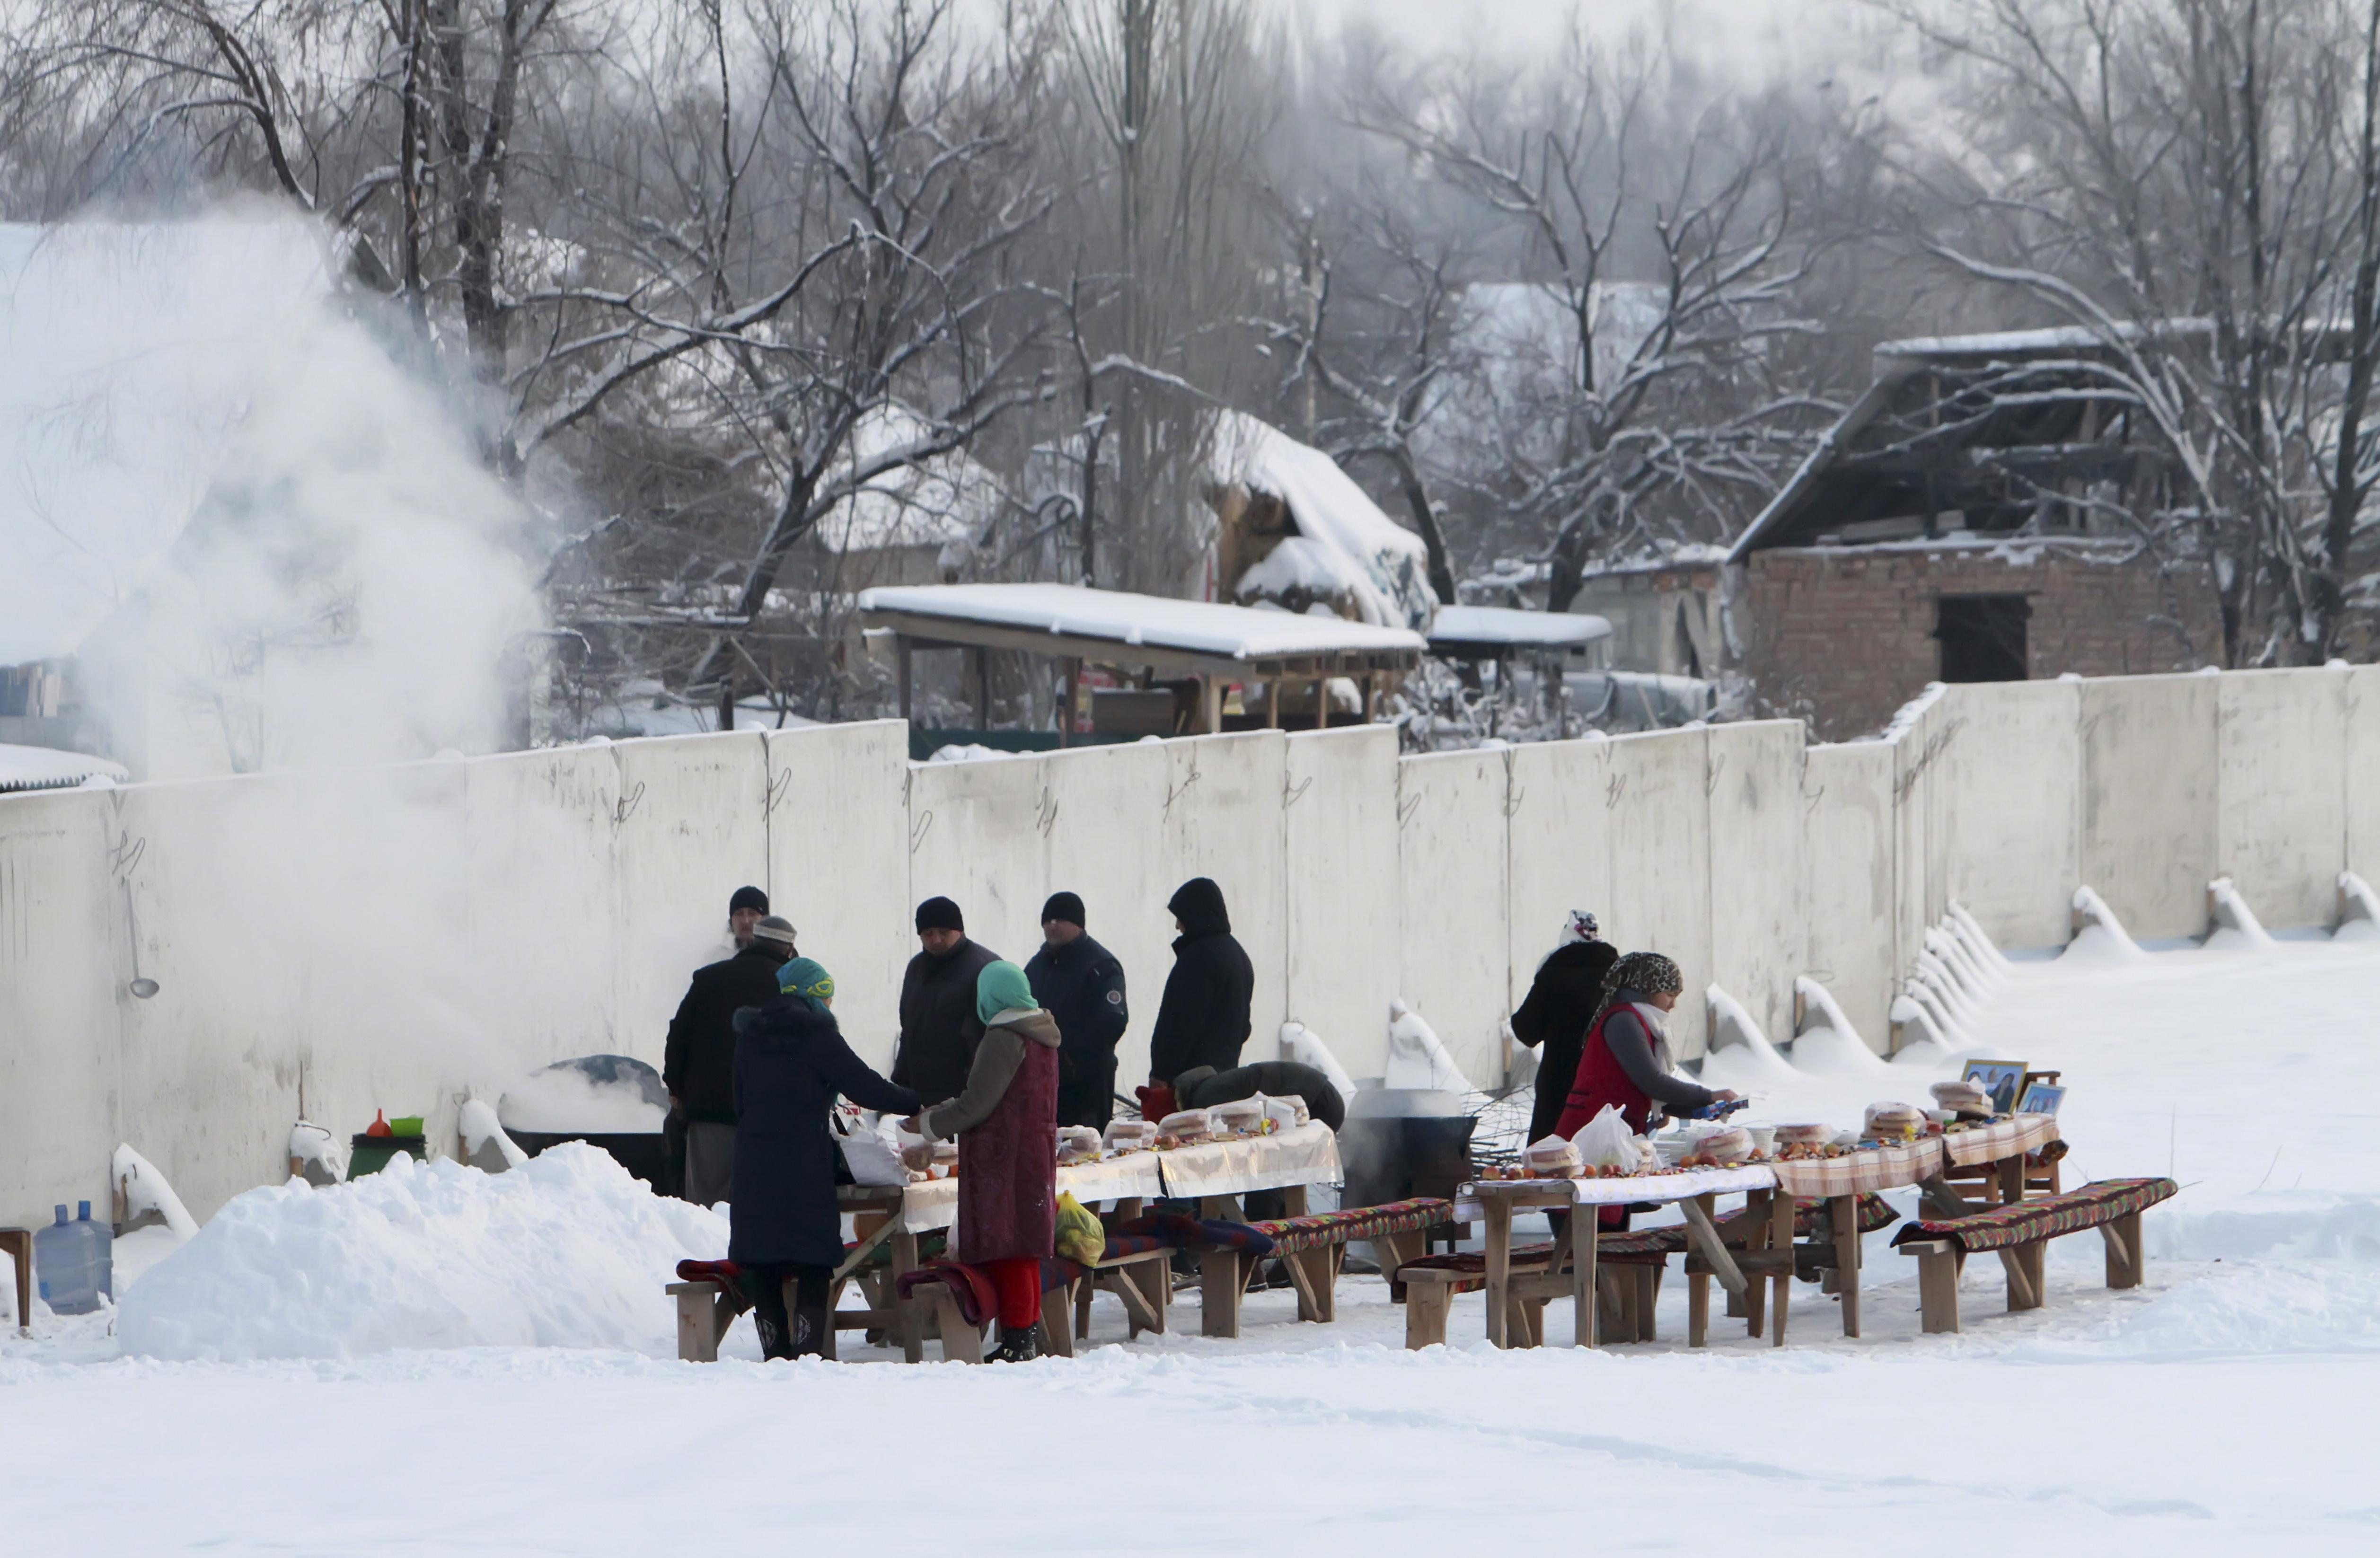 احياء ذكرى ضحايا سقوط طائرة على بلدة بقرغيزستان